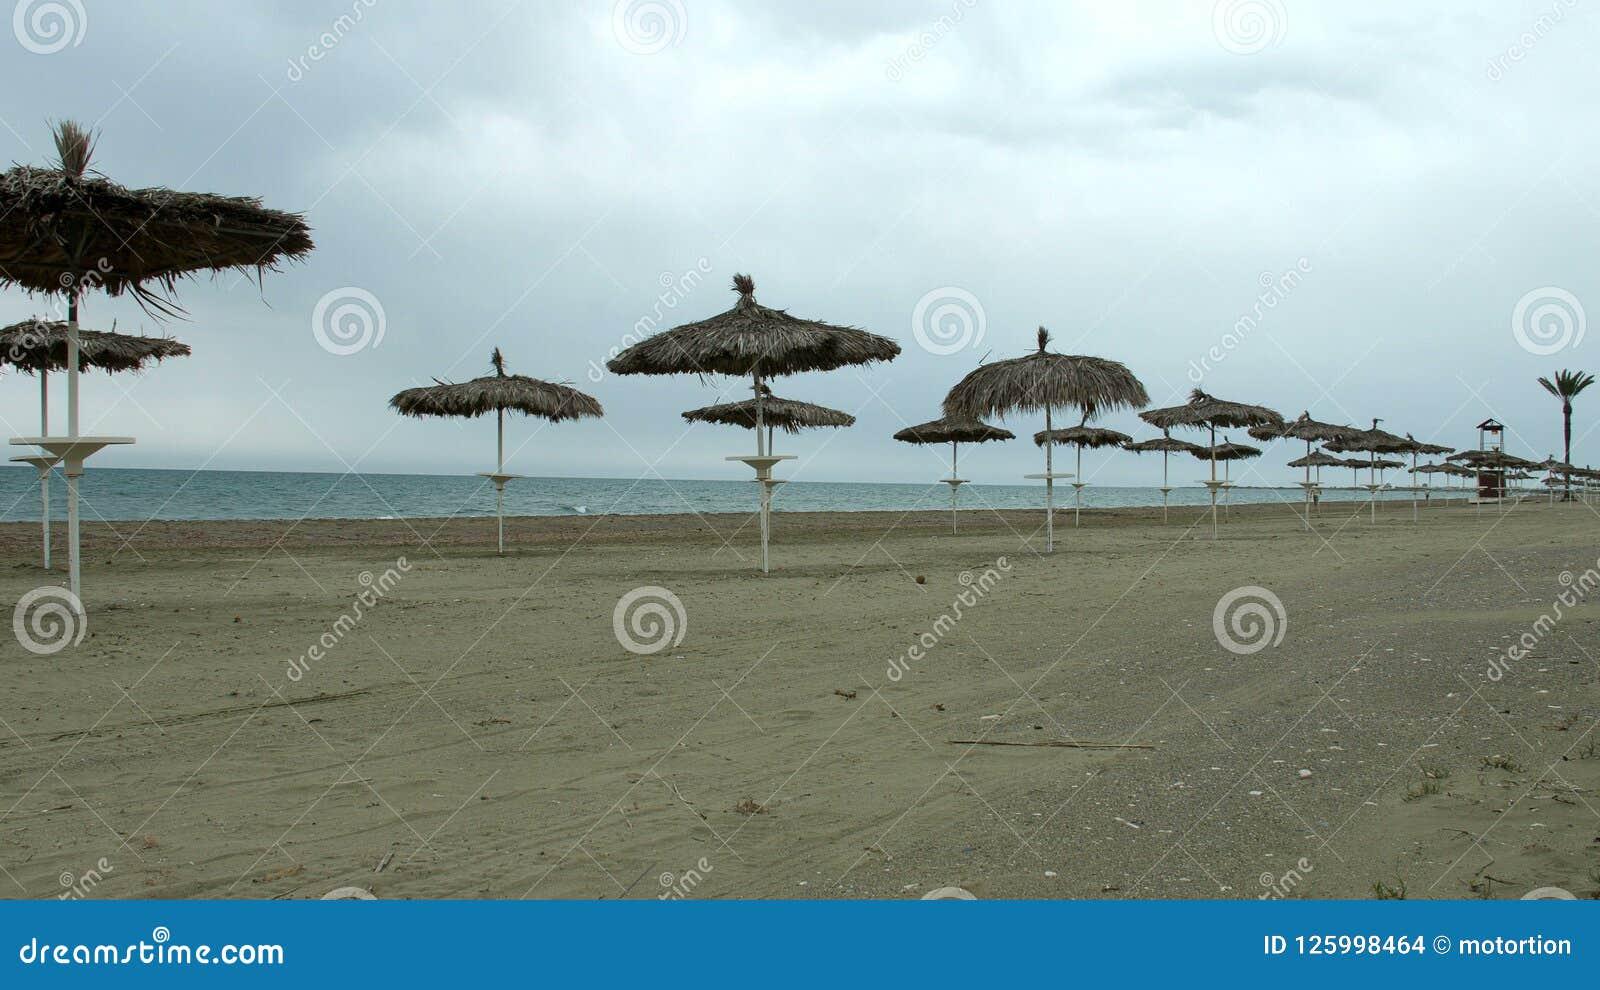 Playa vacía de la playa, tiempo frío en el centro turístico de verano popular durante la estación baja